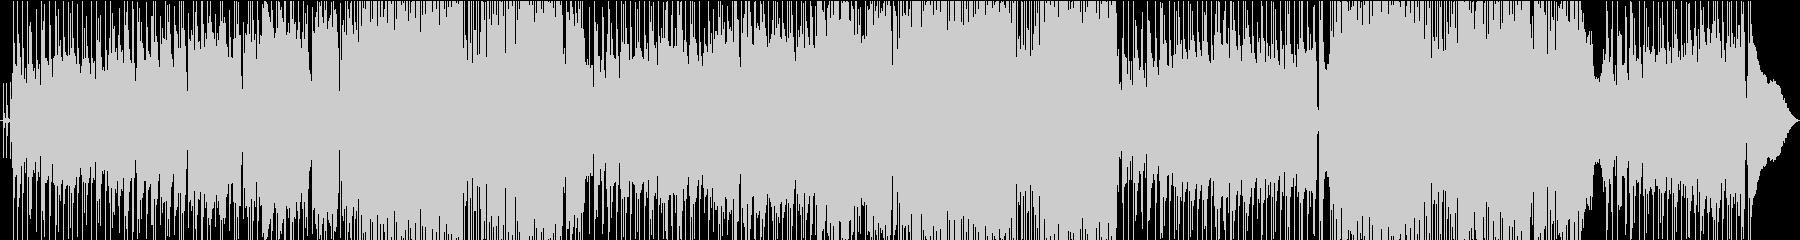 和の要素たっぷりの歌謡ロックの未再生の波形